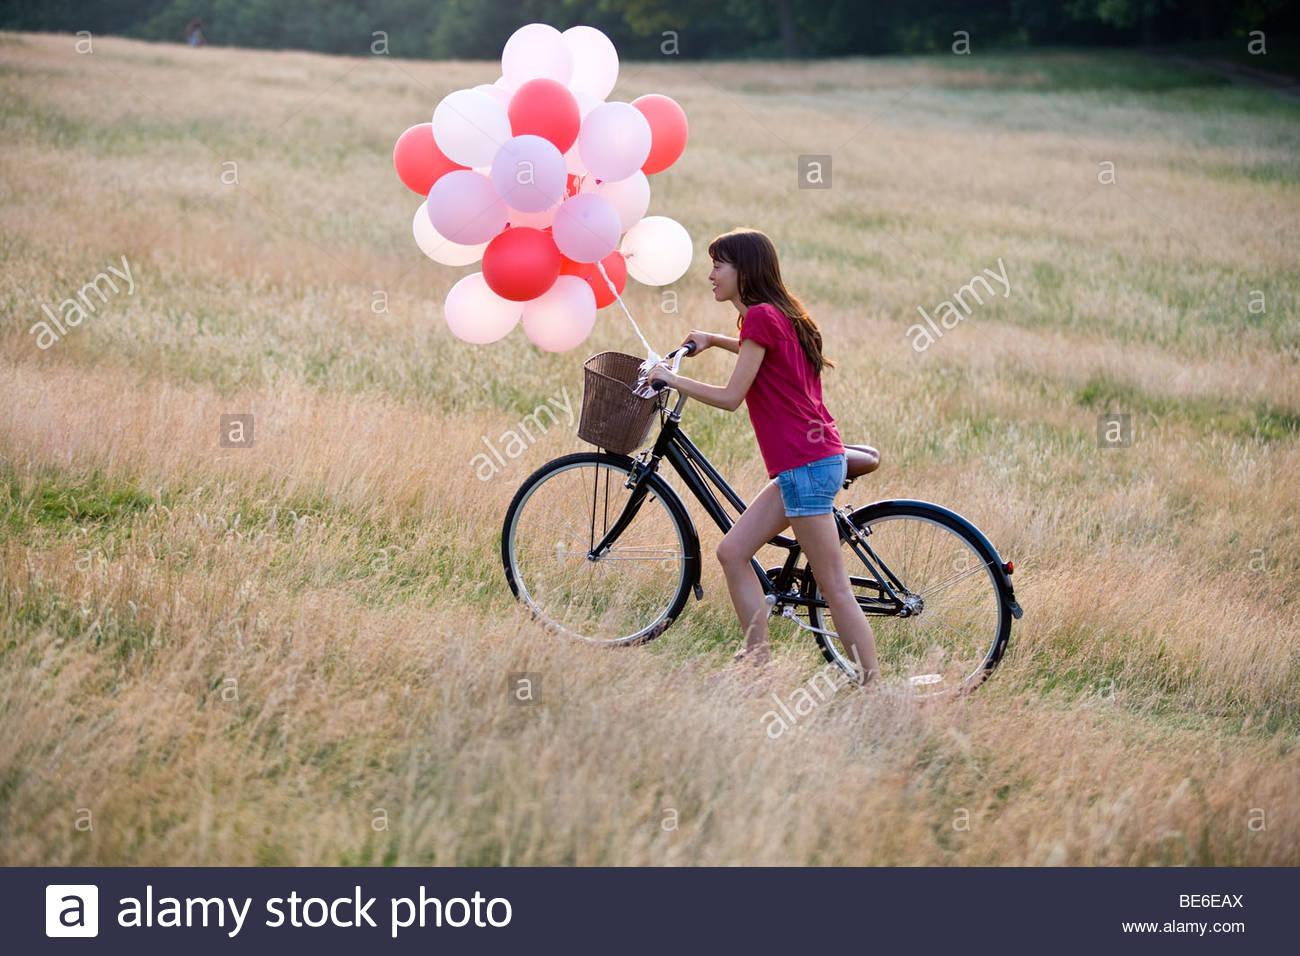 Una joven mujer sosteniendo un montón de globos, empujando una bicicleta Imagen De Stock